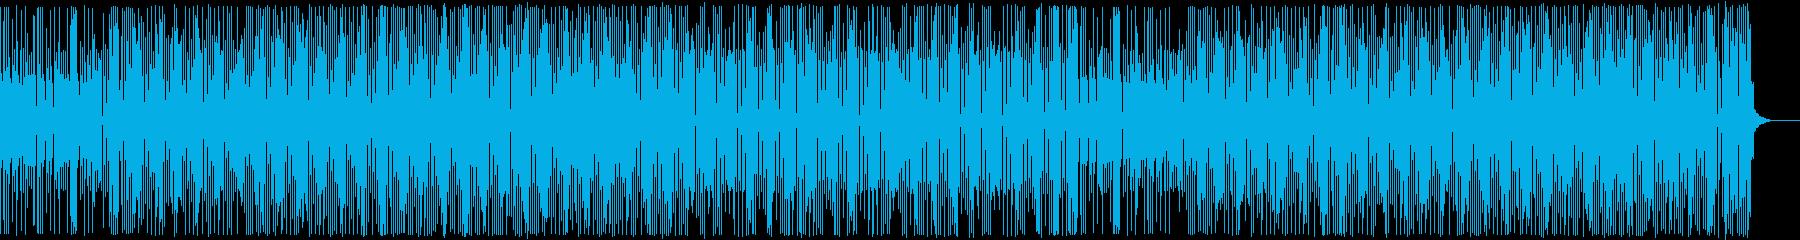 三味線・お江戸・和風テクノ・かけ声なしの再生済みの波形